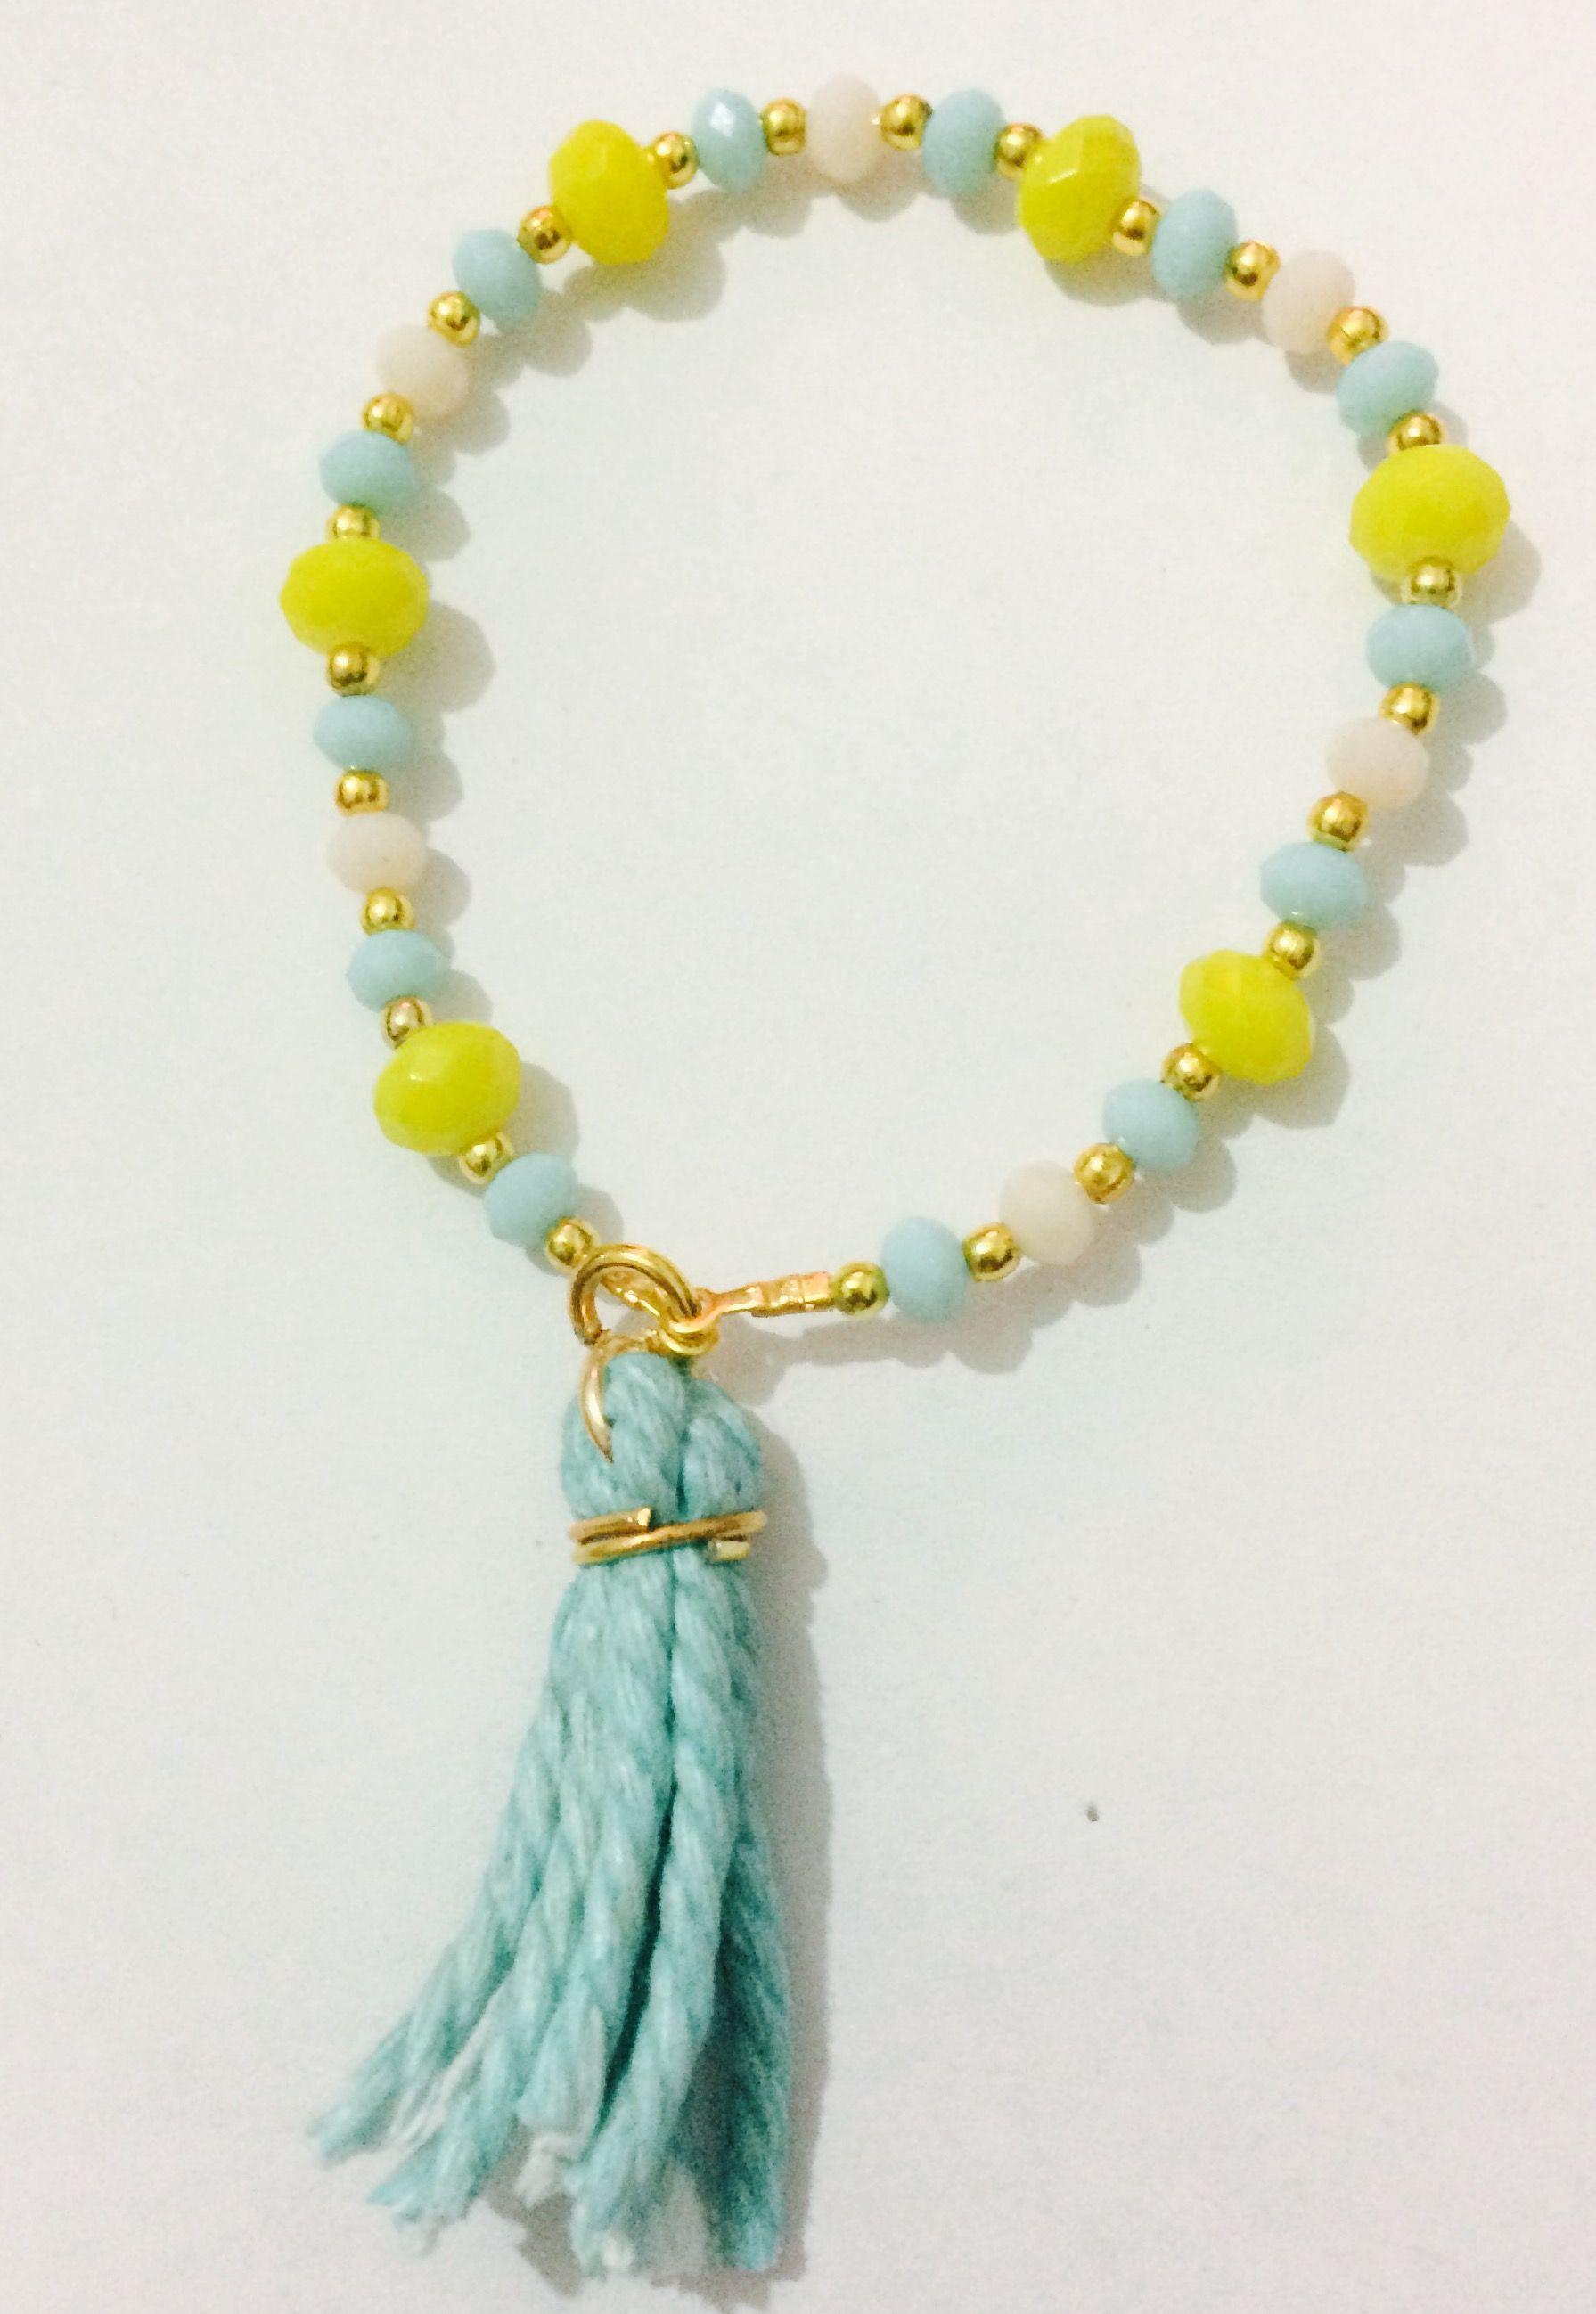 b624ed9485cd Pulsera de cristal azul y amarilla ❤ | Relojes y bisutería ...